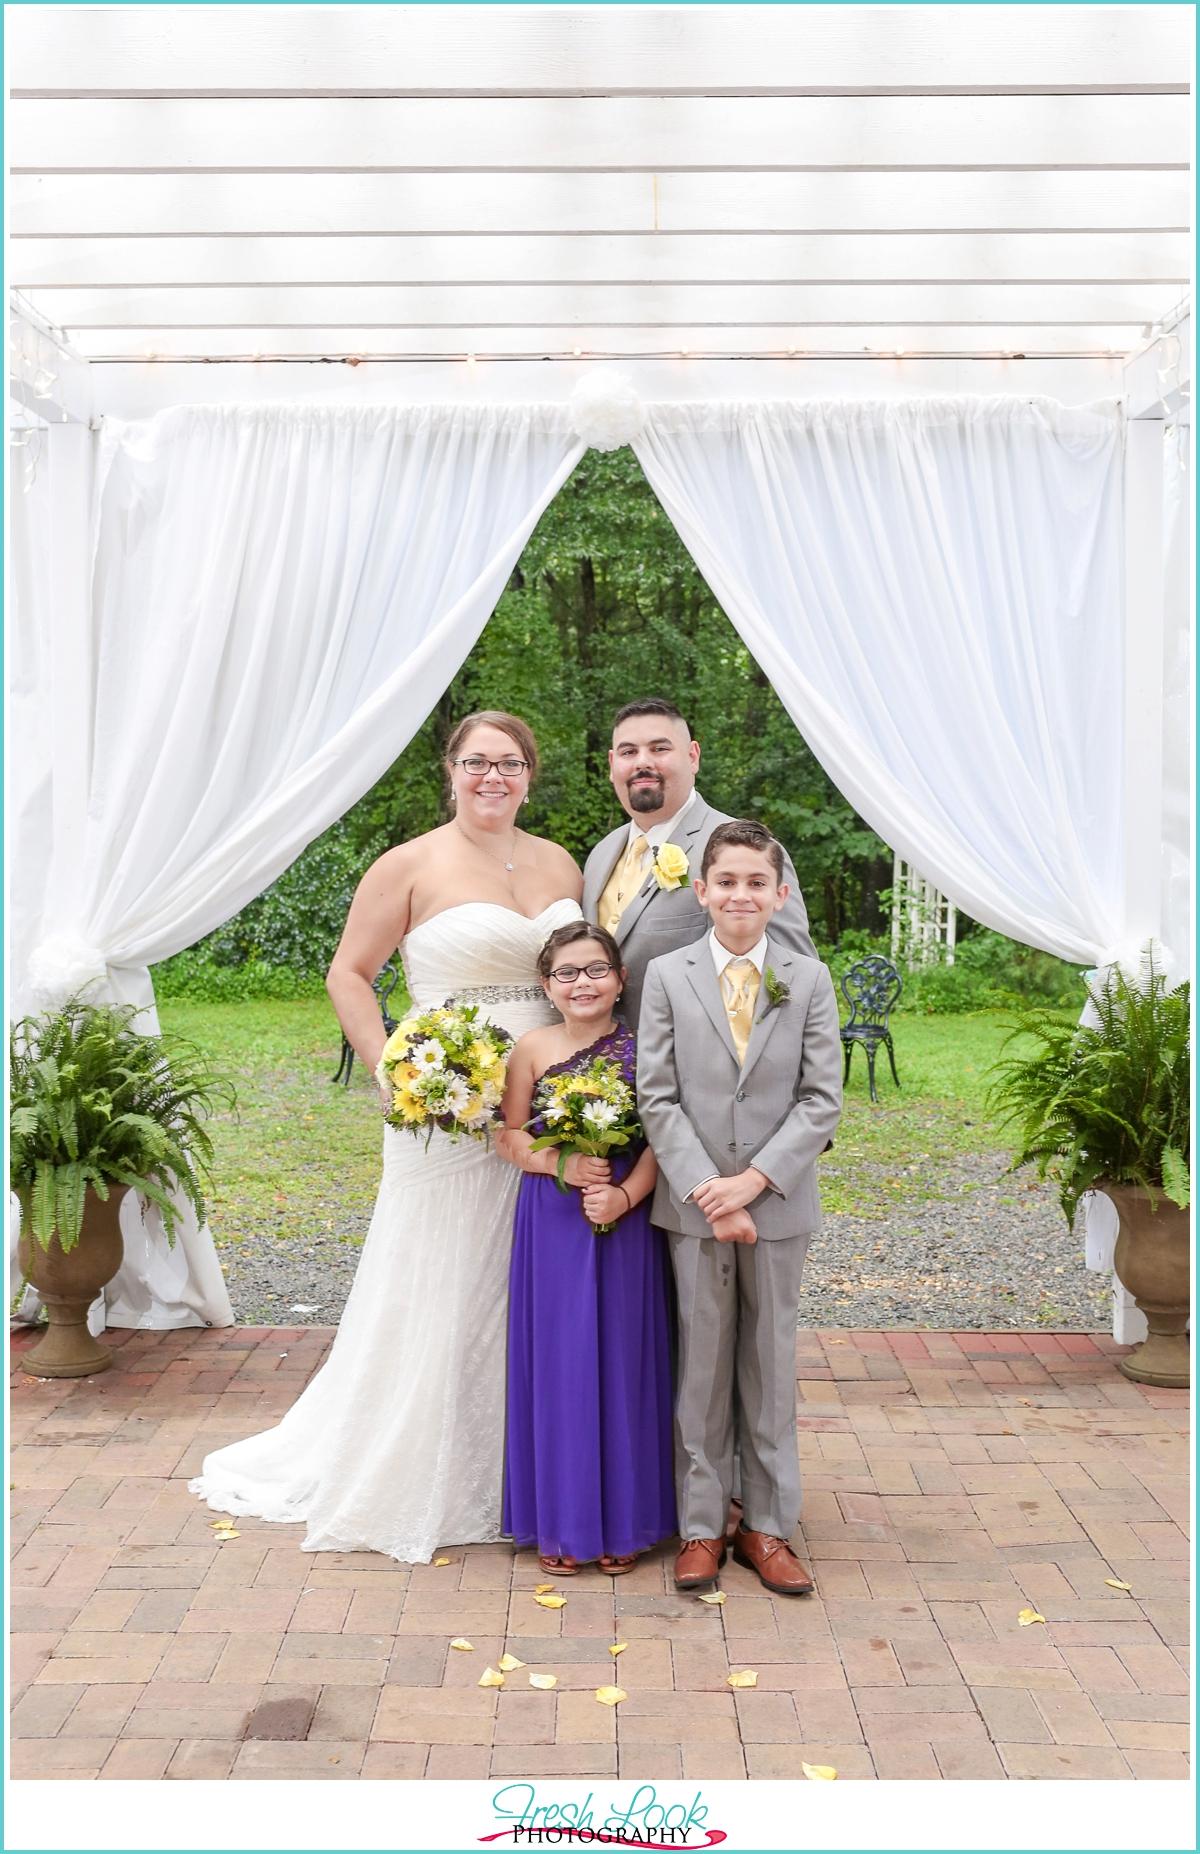 family of four wedding photo